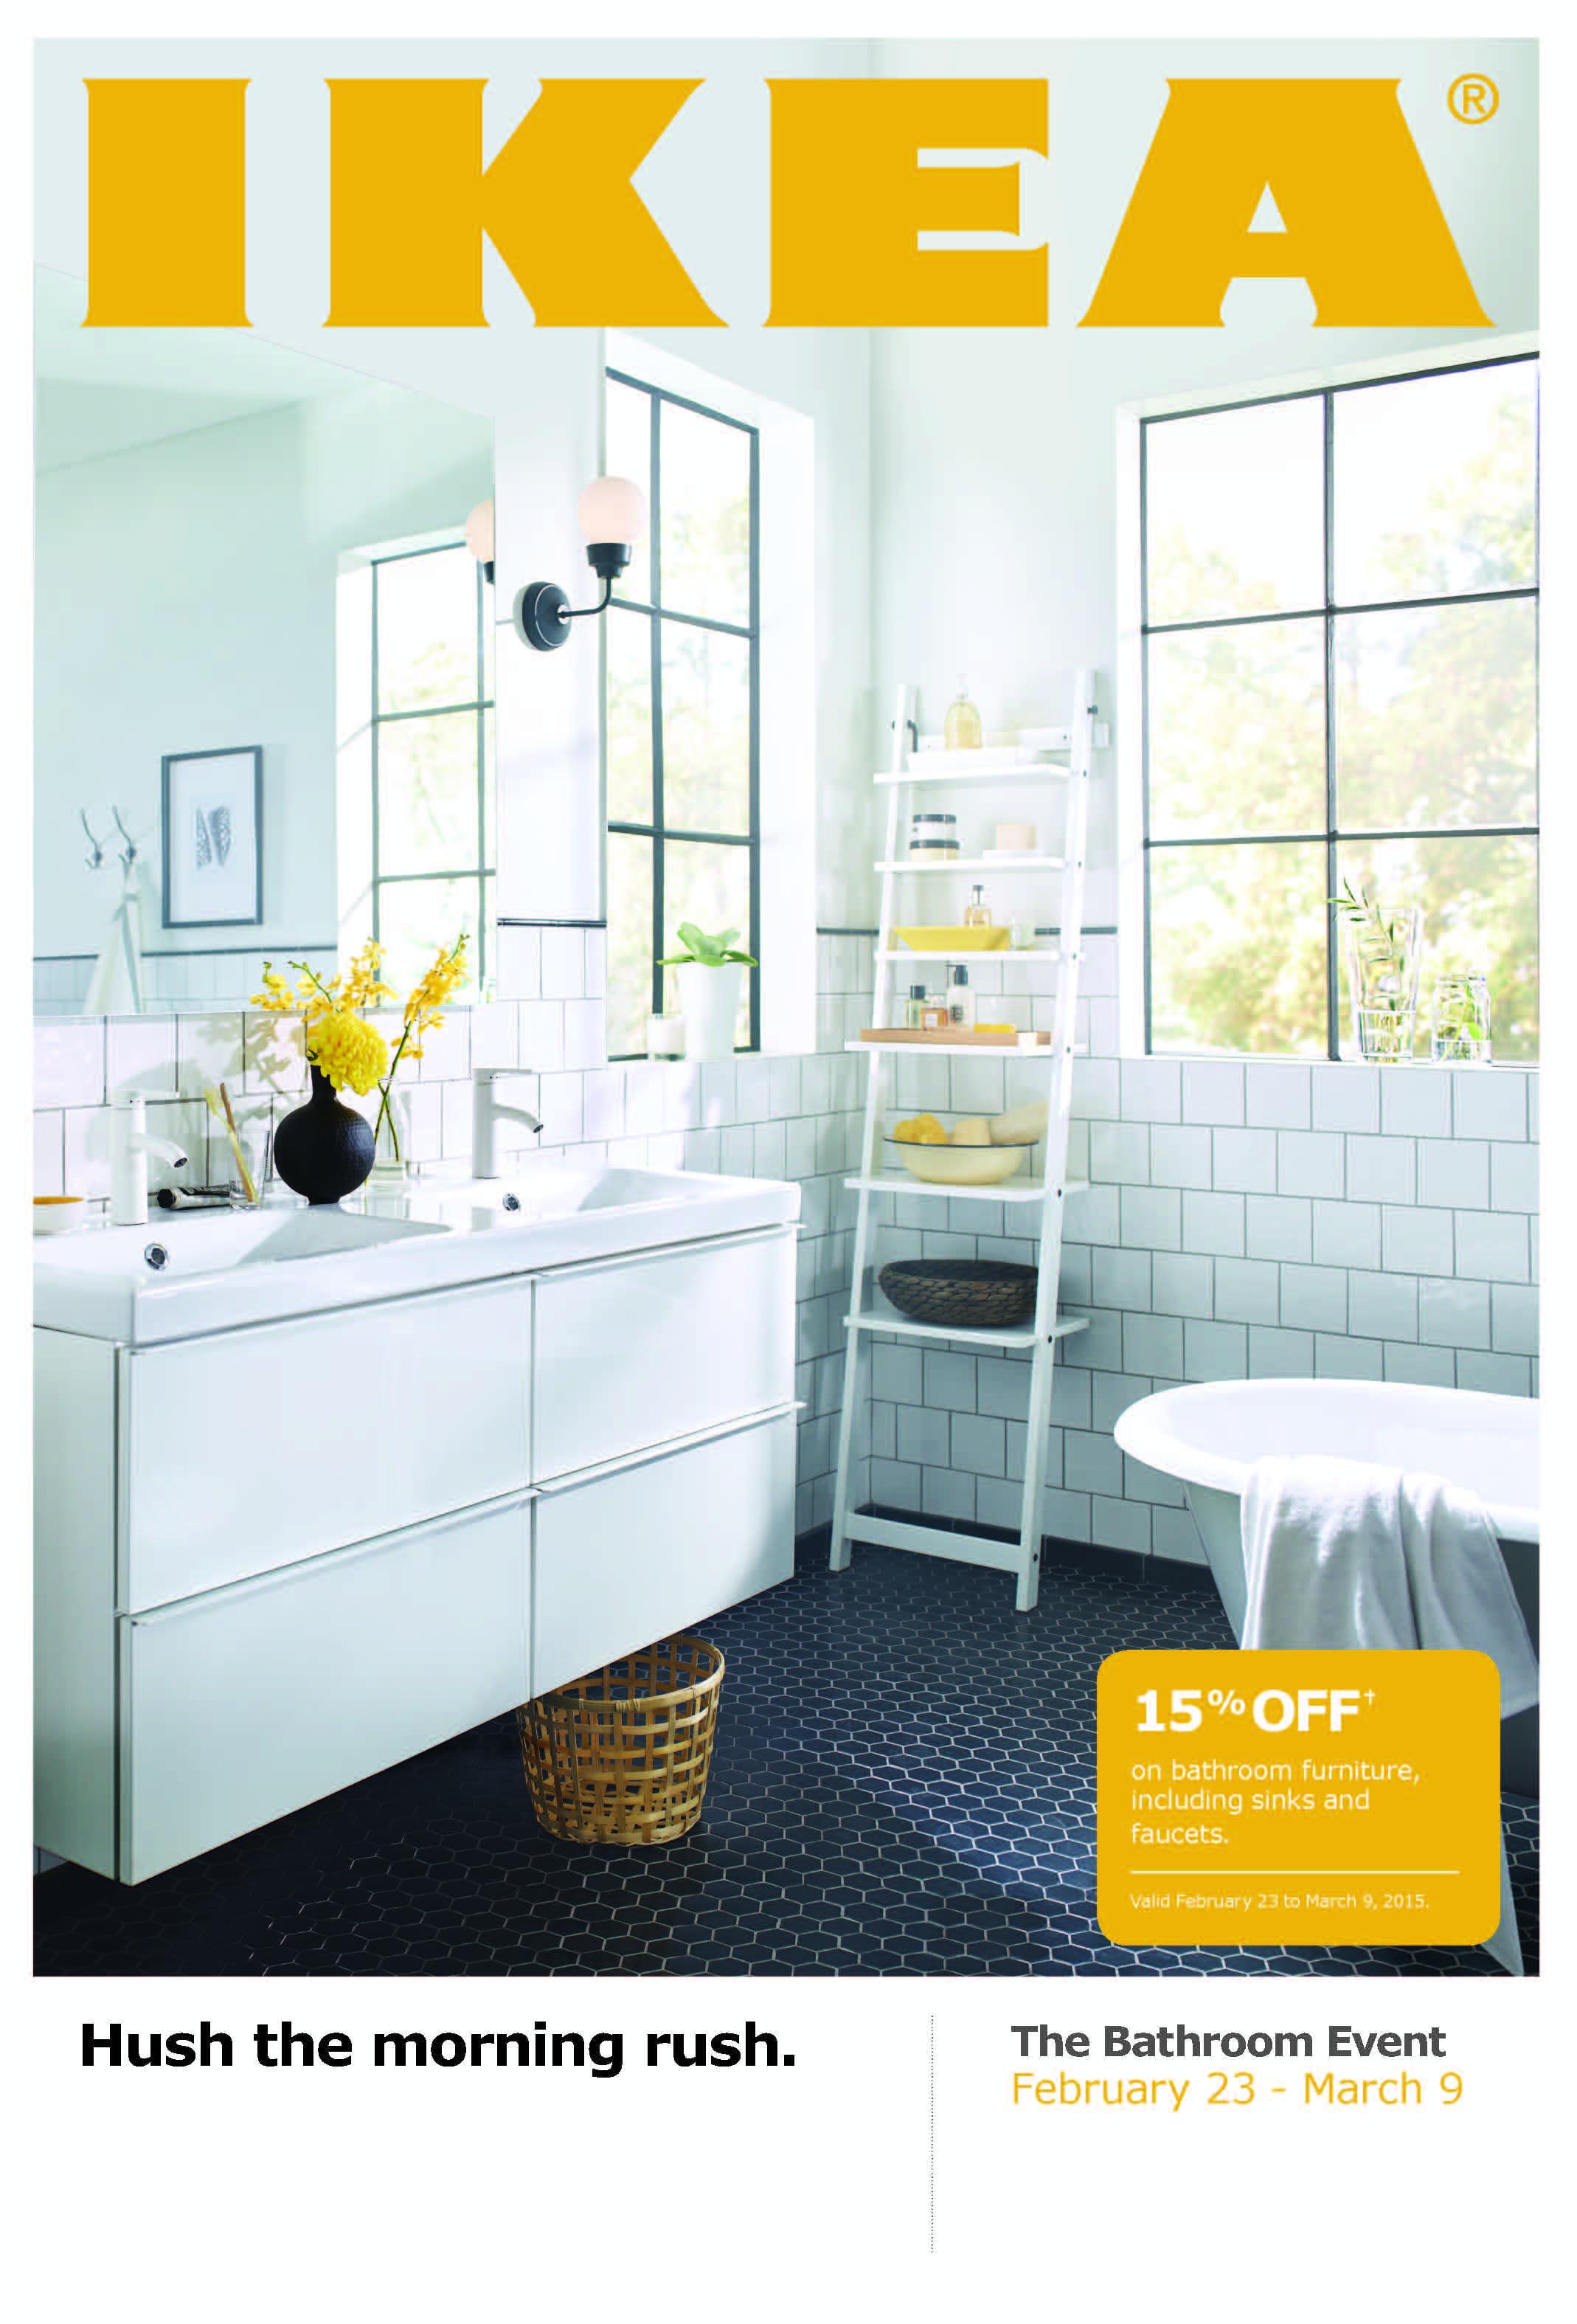 U5101 WK 9 Kitchen Bath Flyer_EN_ROC_Page_6.jpg